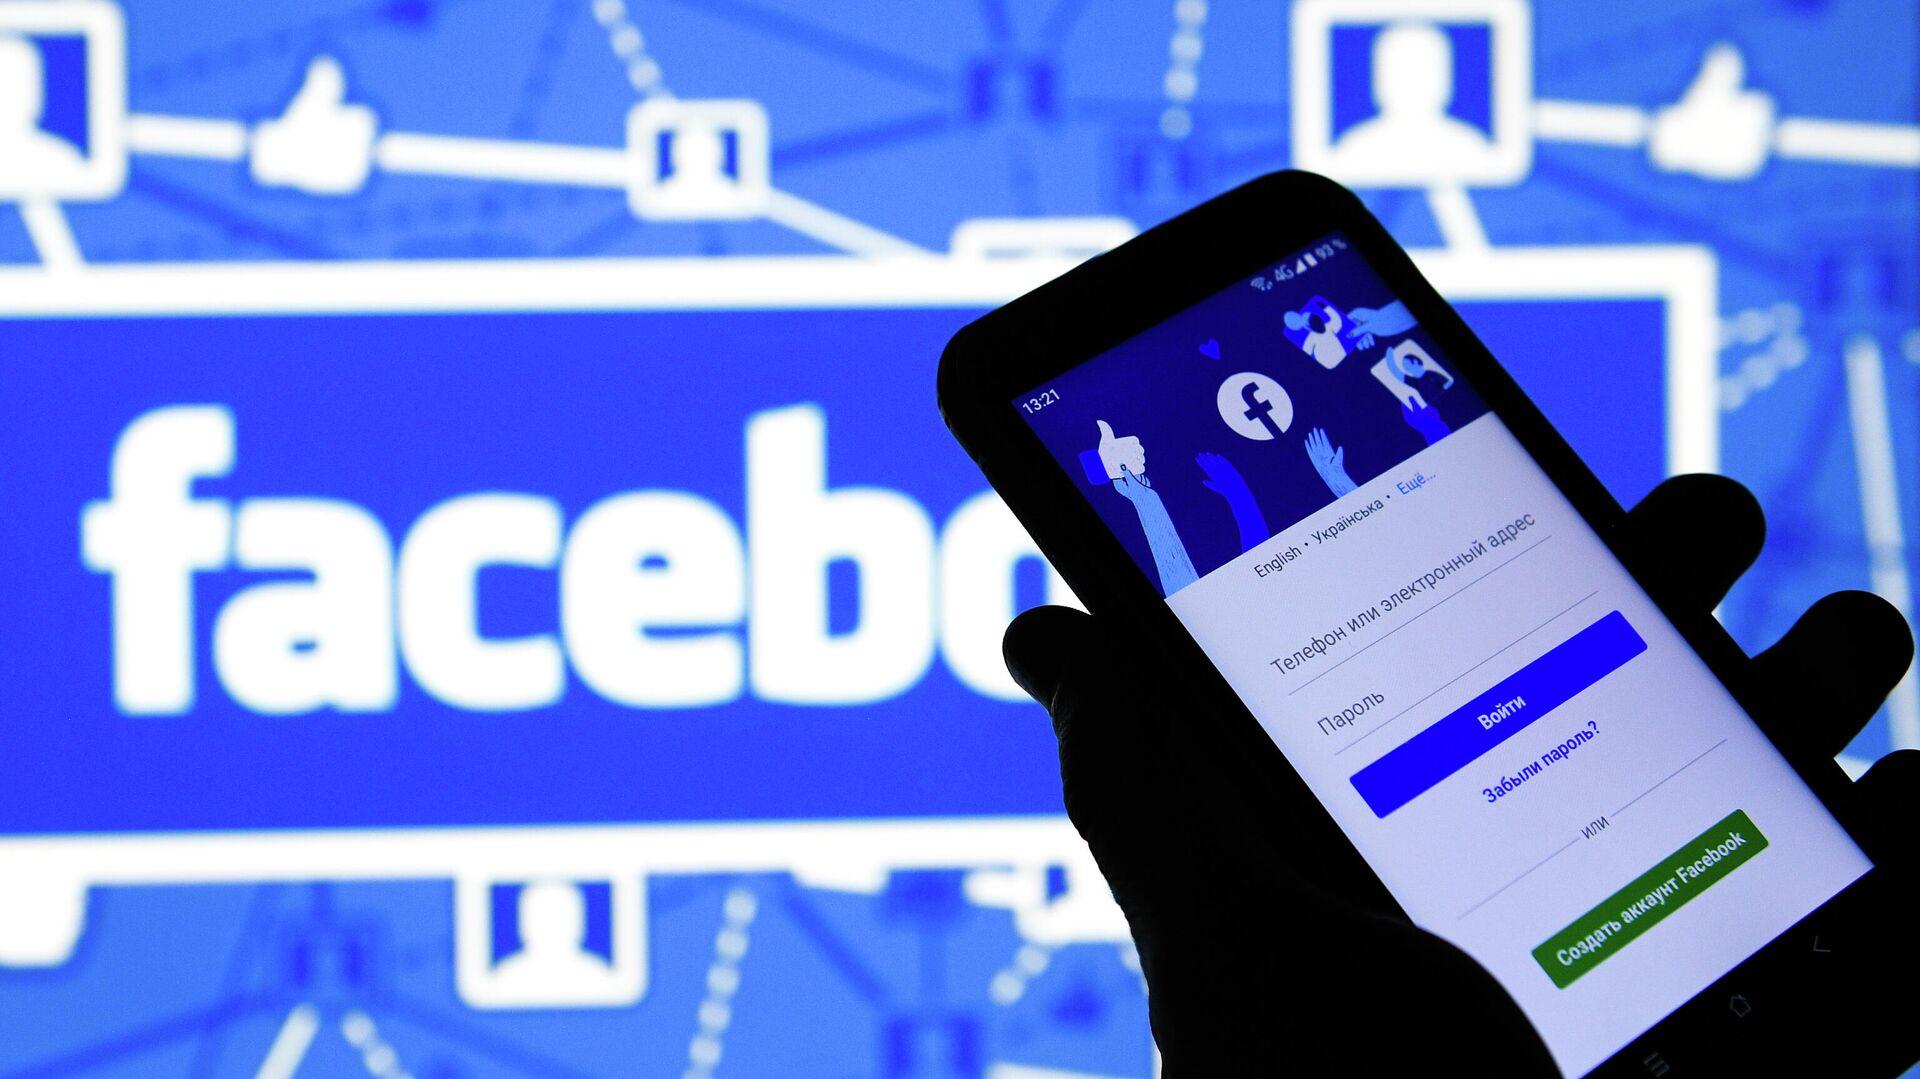 Приложение социальной сети Facebook в мобильном телефоне - РИА Новости, 1920, 14.07.2021